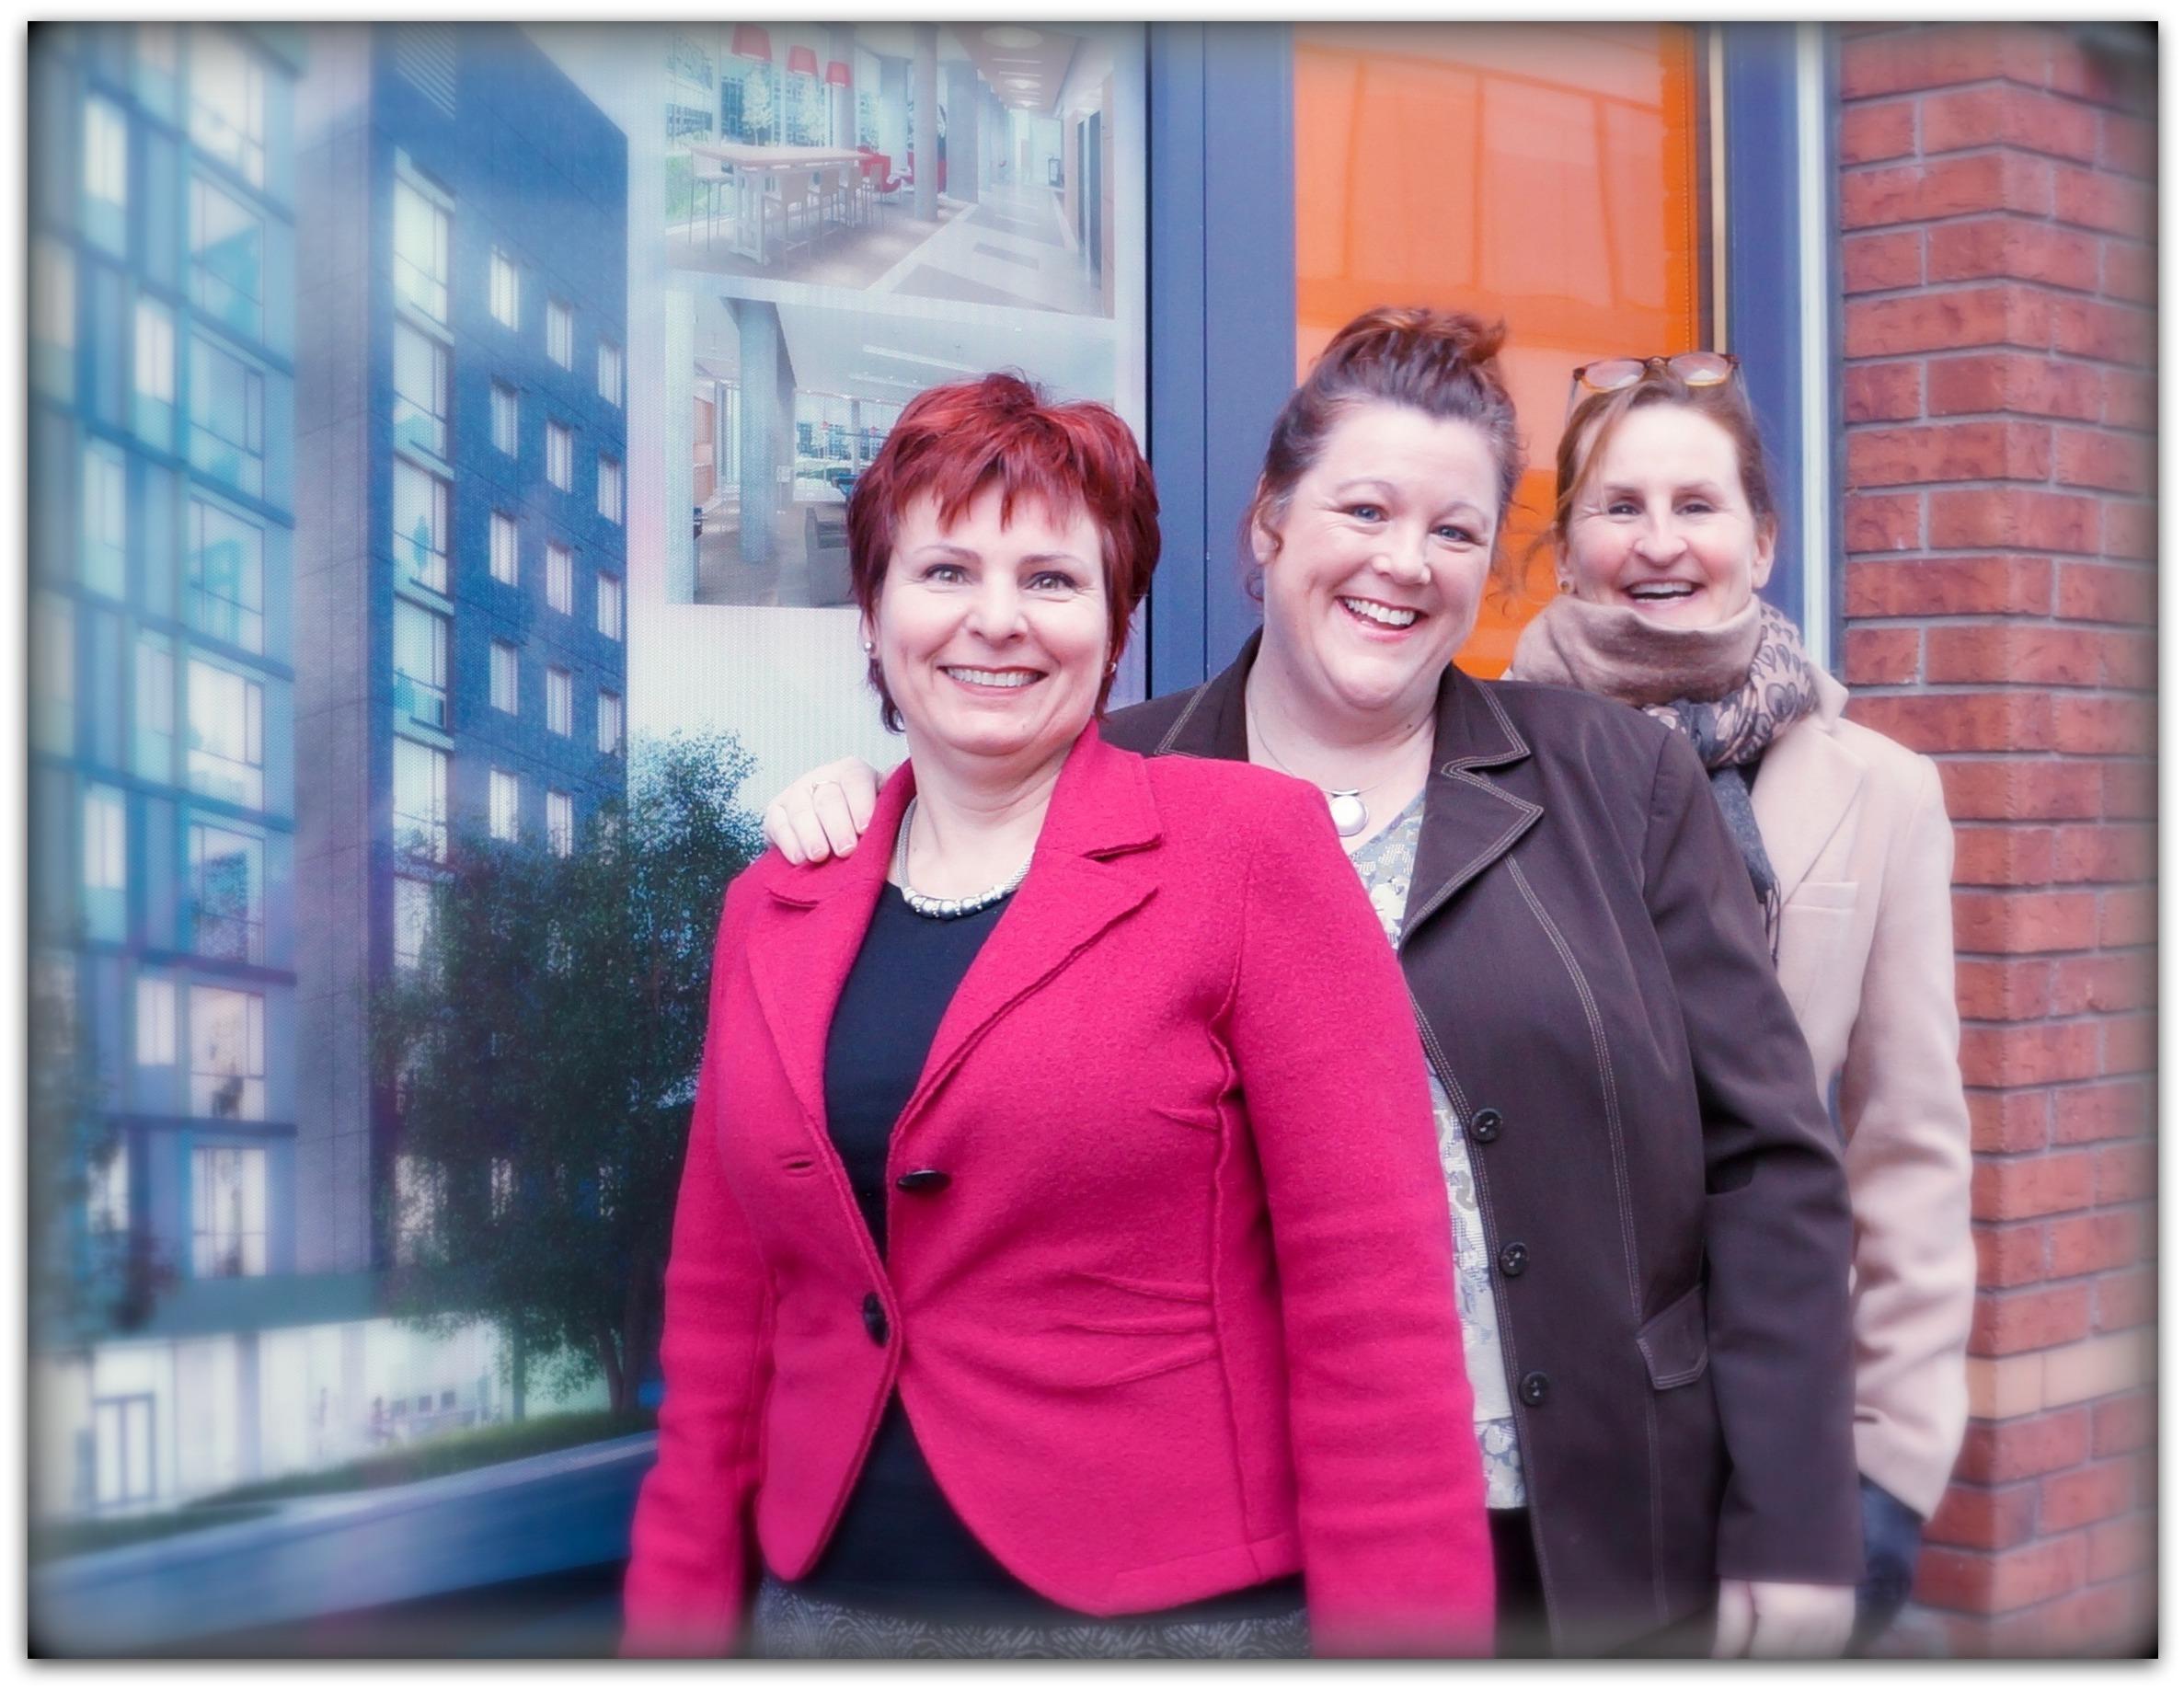 Éliette Portelance, Monique Boucher and Michelle Ferland from Housing Service